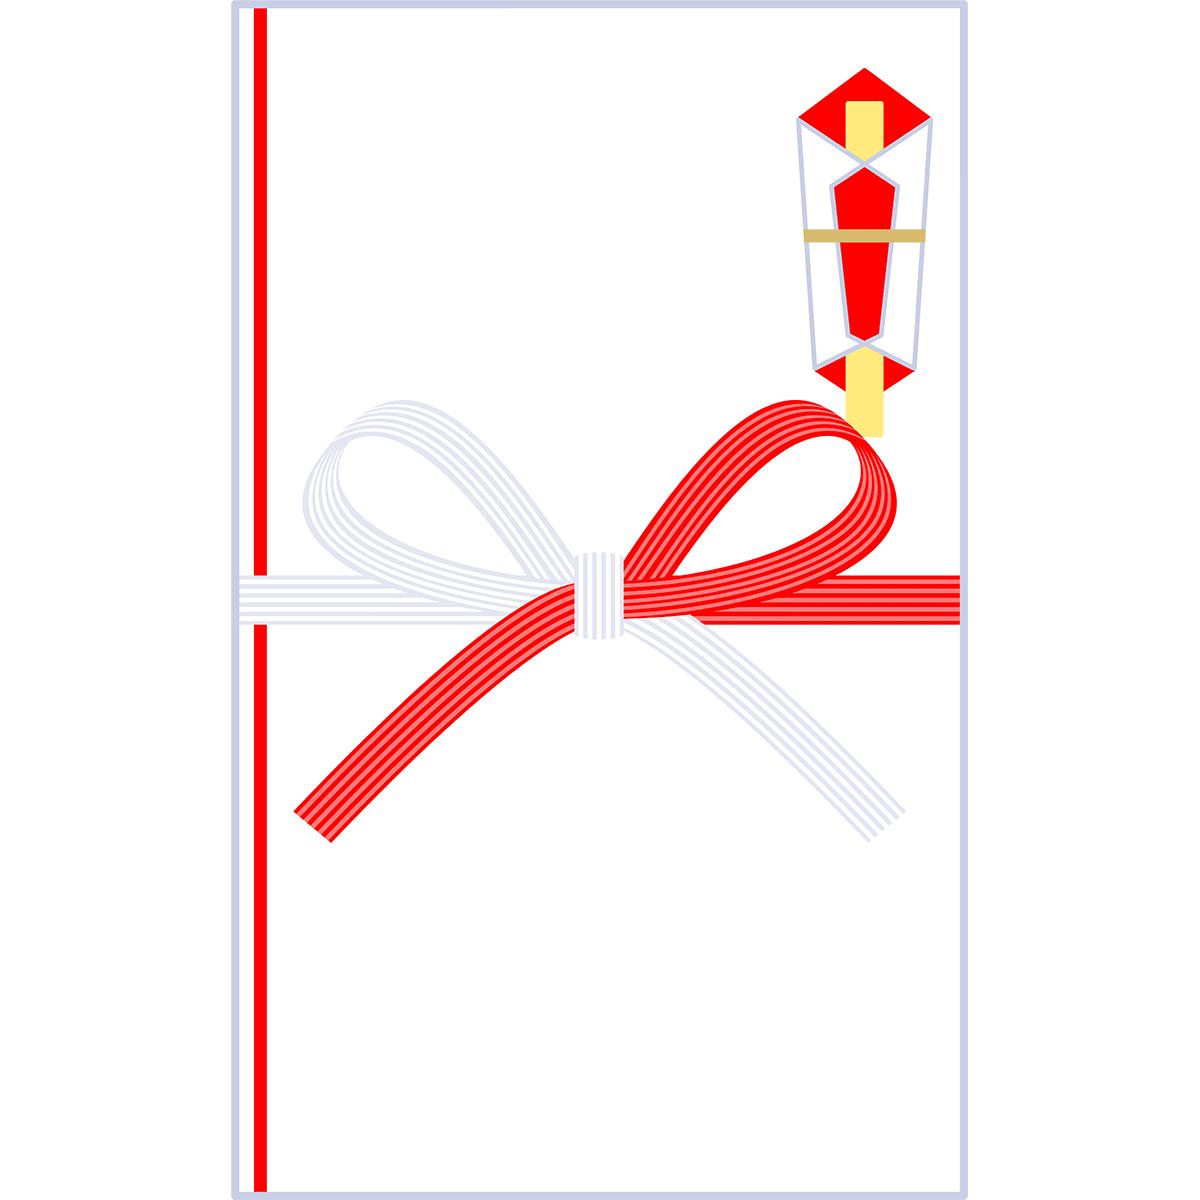 ご祝儀袋(蝶結び)の無料イラスト